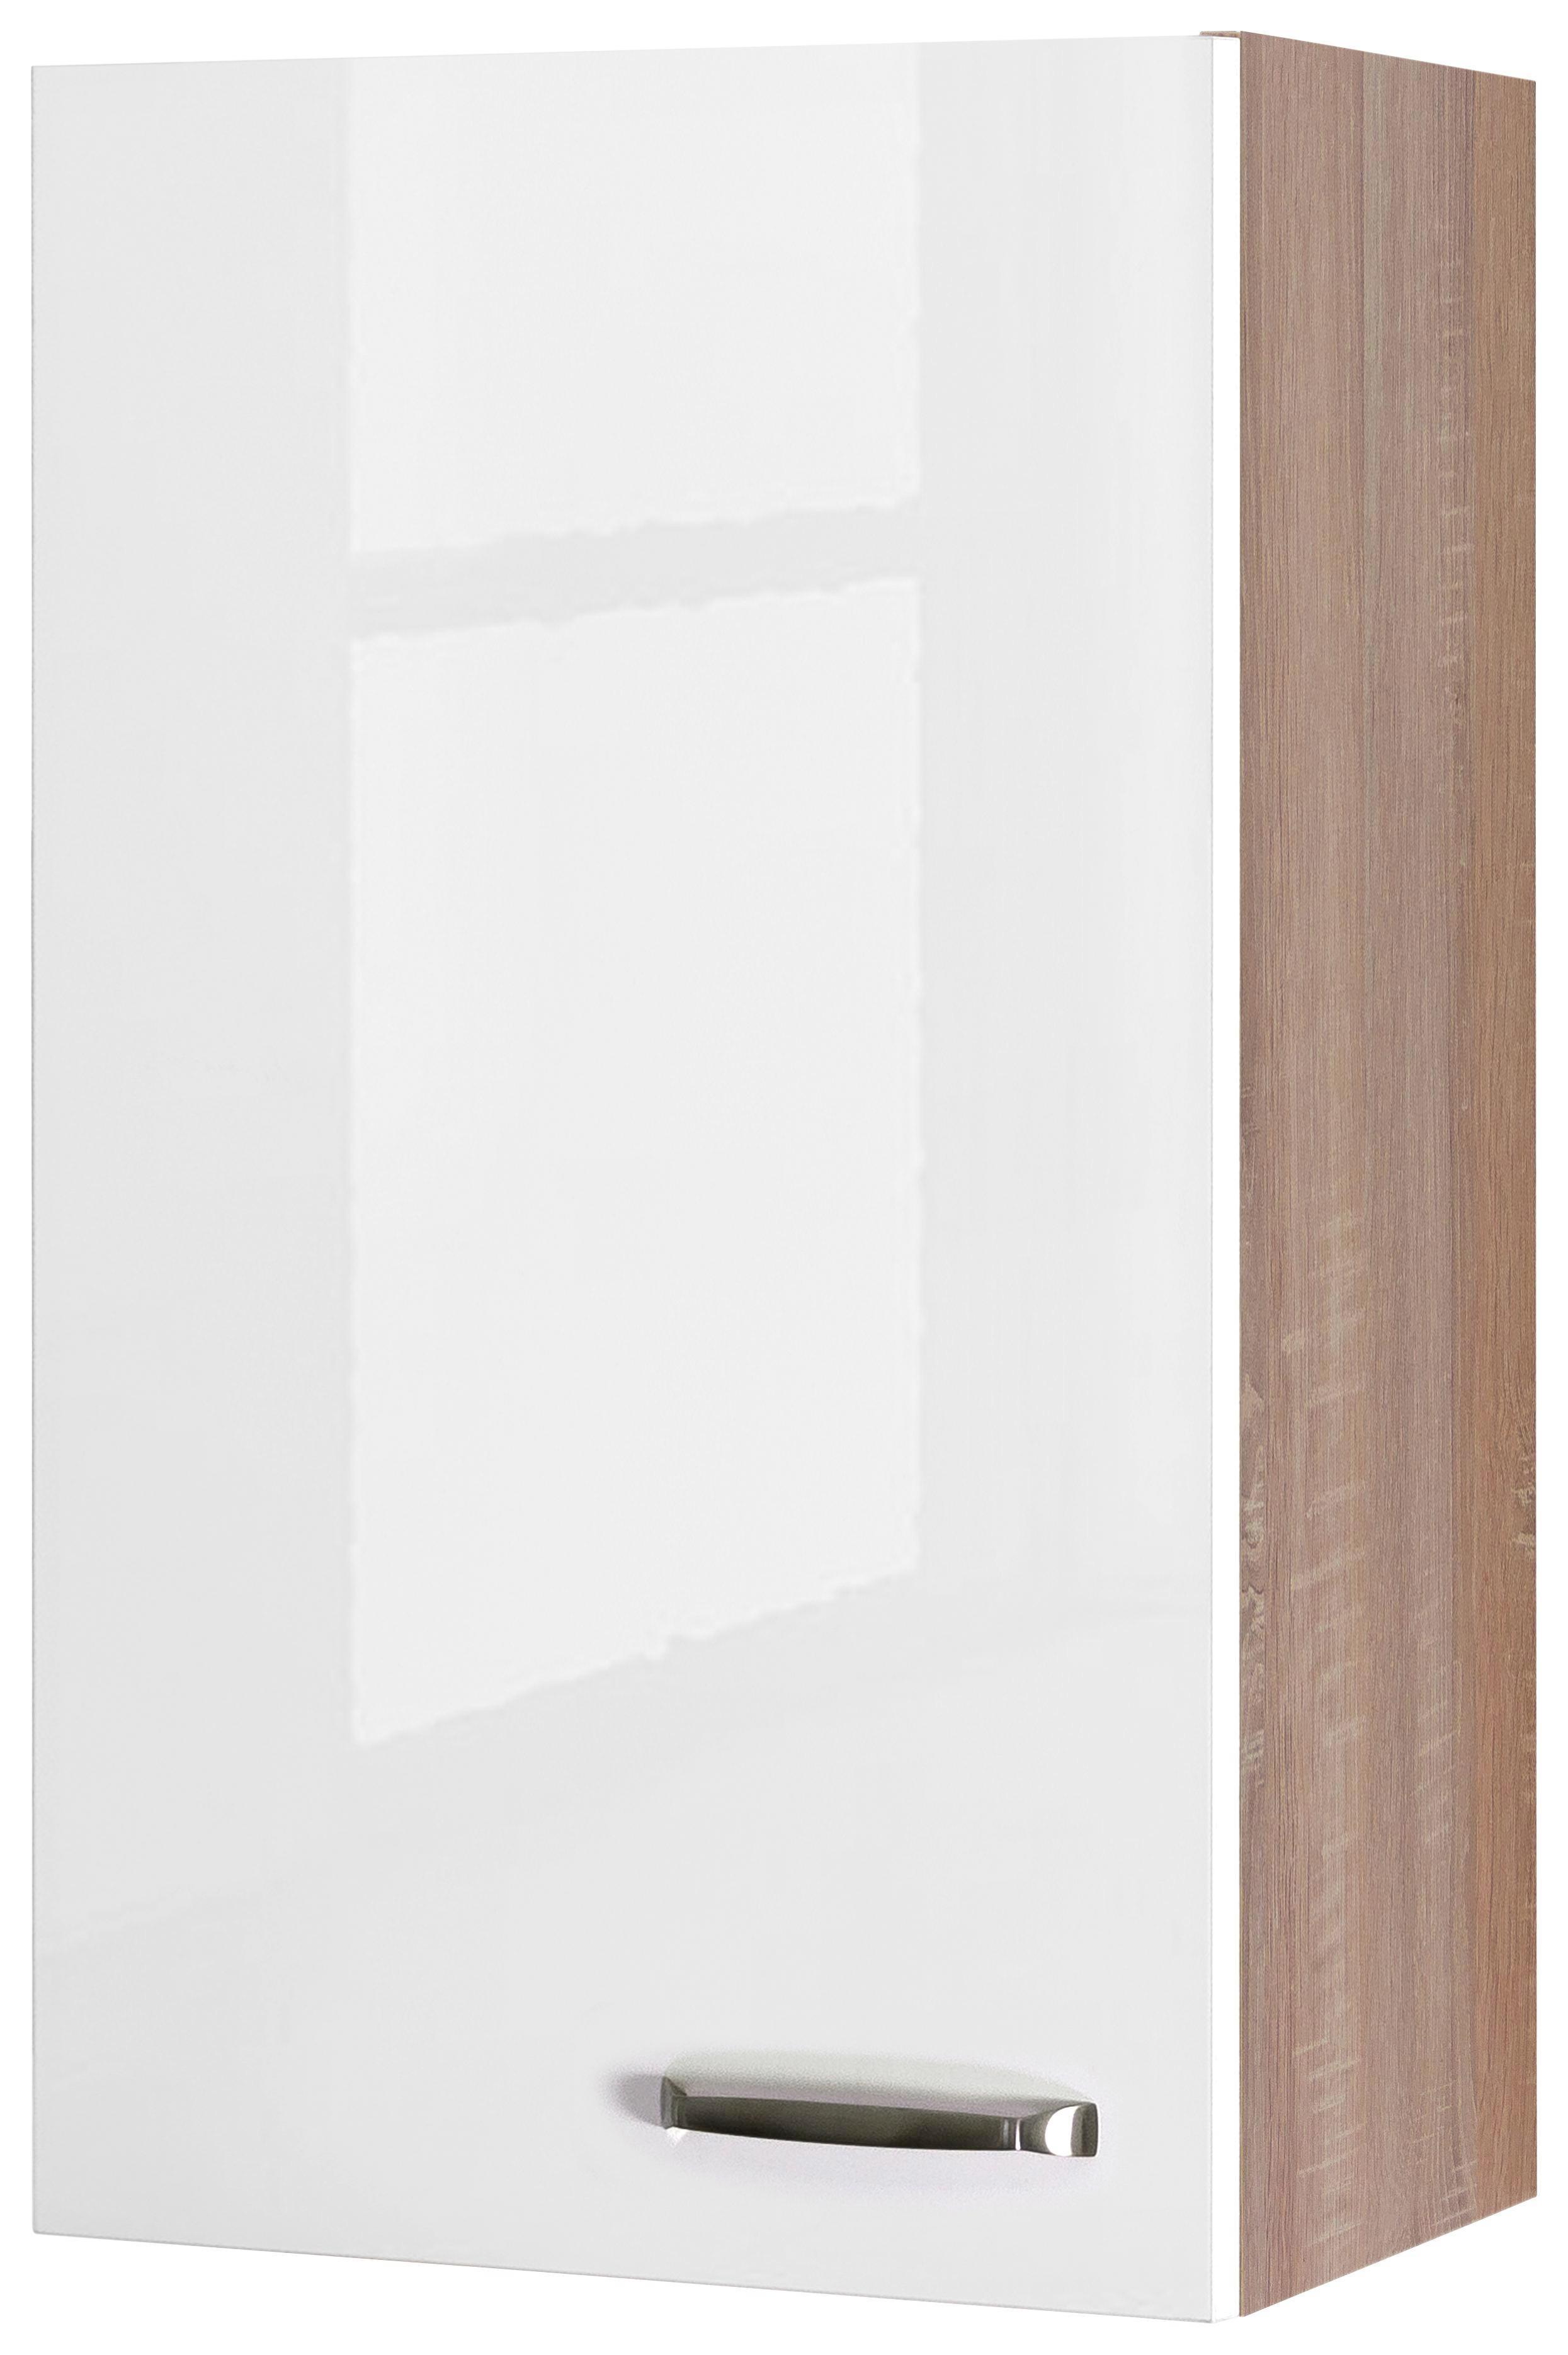 Küchenoberschrank Weiß Hochglanz Eiche online kaufen mömax